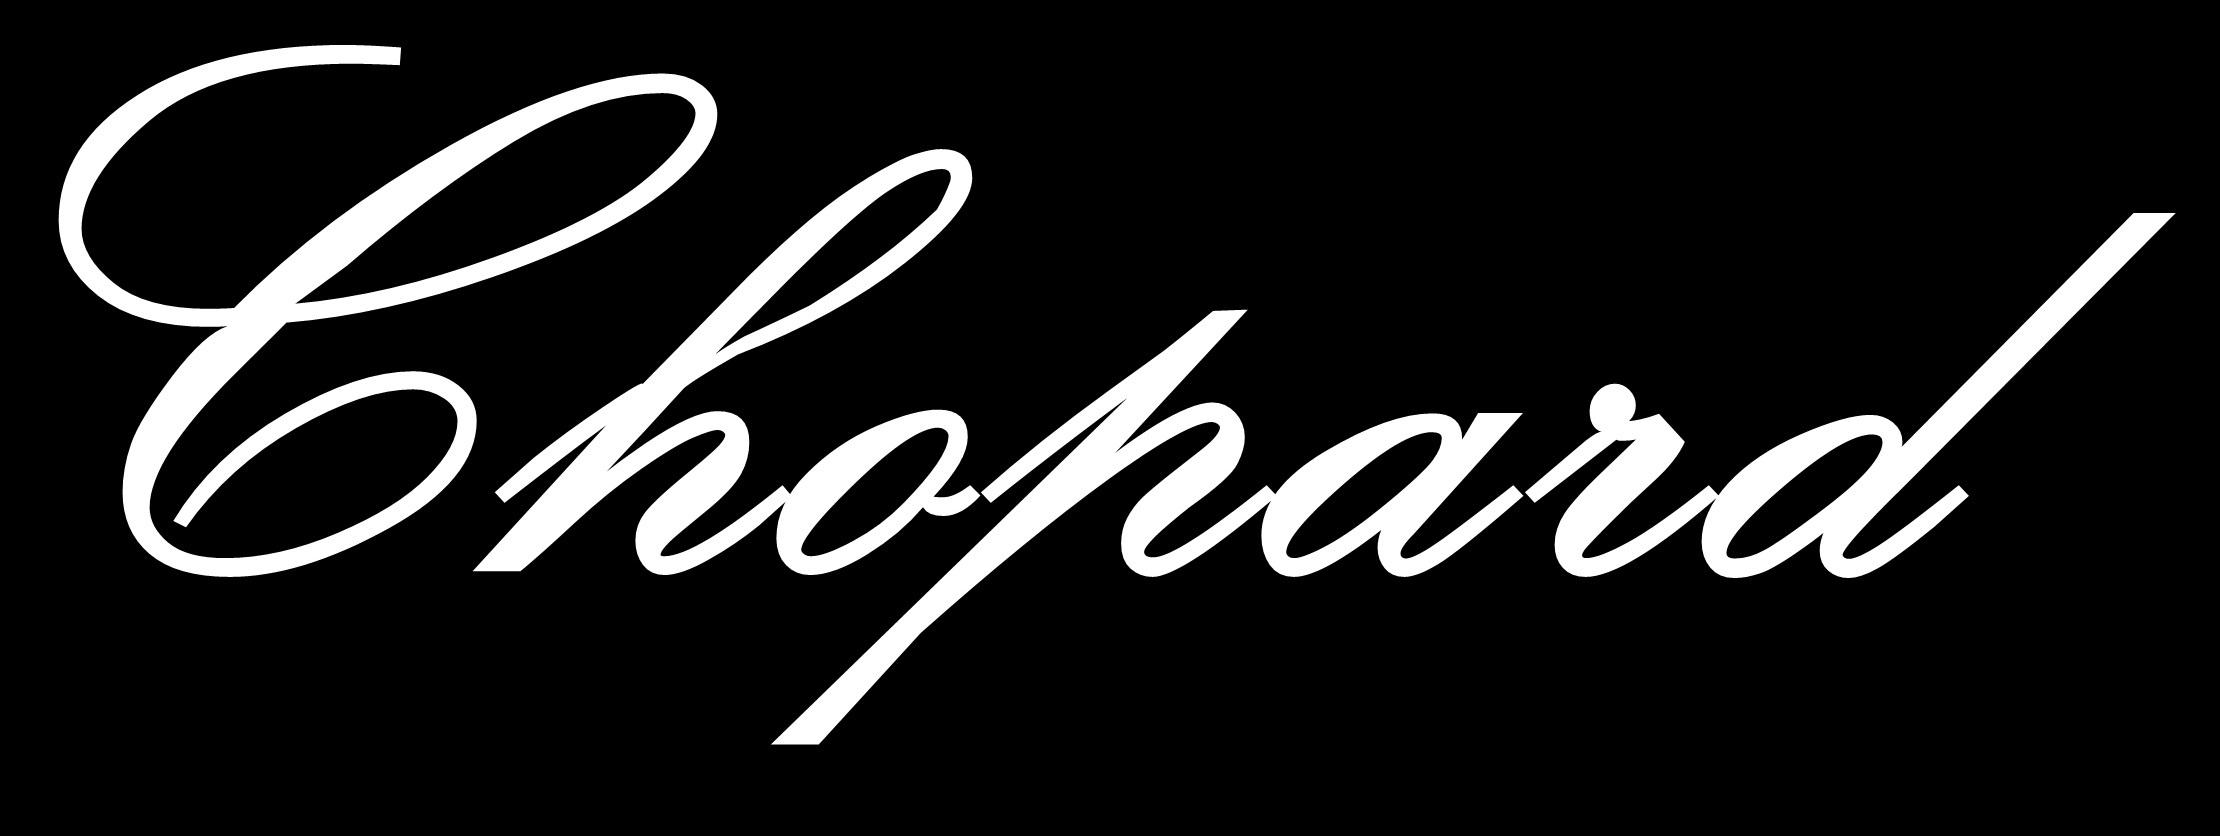 Chopard Logo Wallpaper